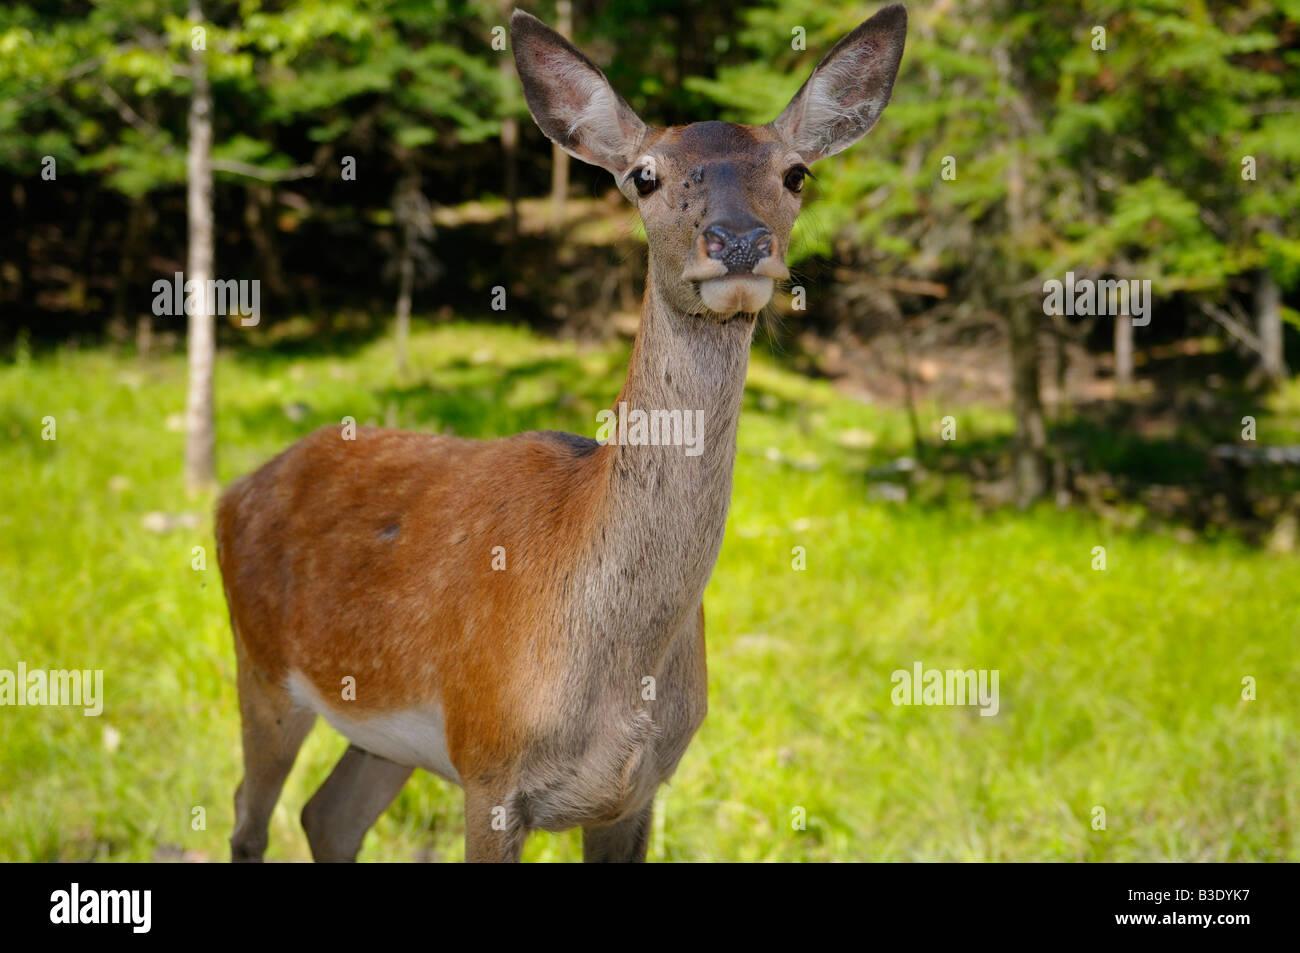 Red Deer Hind nahe bewahren in ein sonniges Gemüt Omega Park in Quebec Stockbild